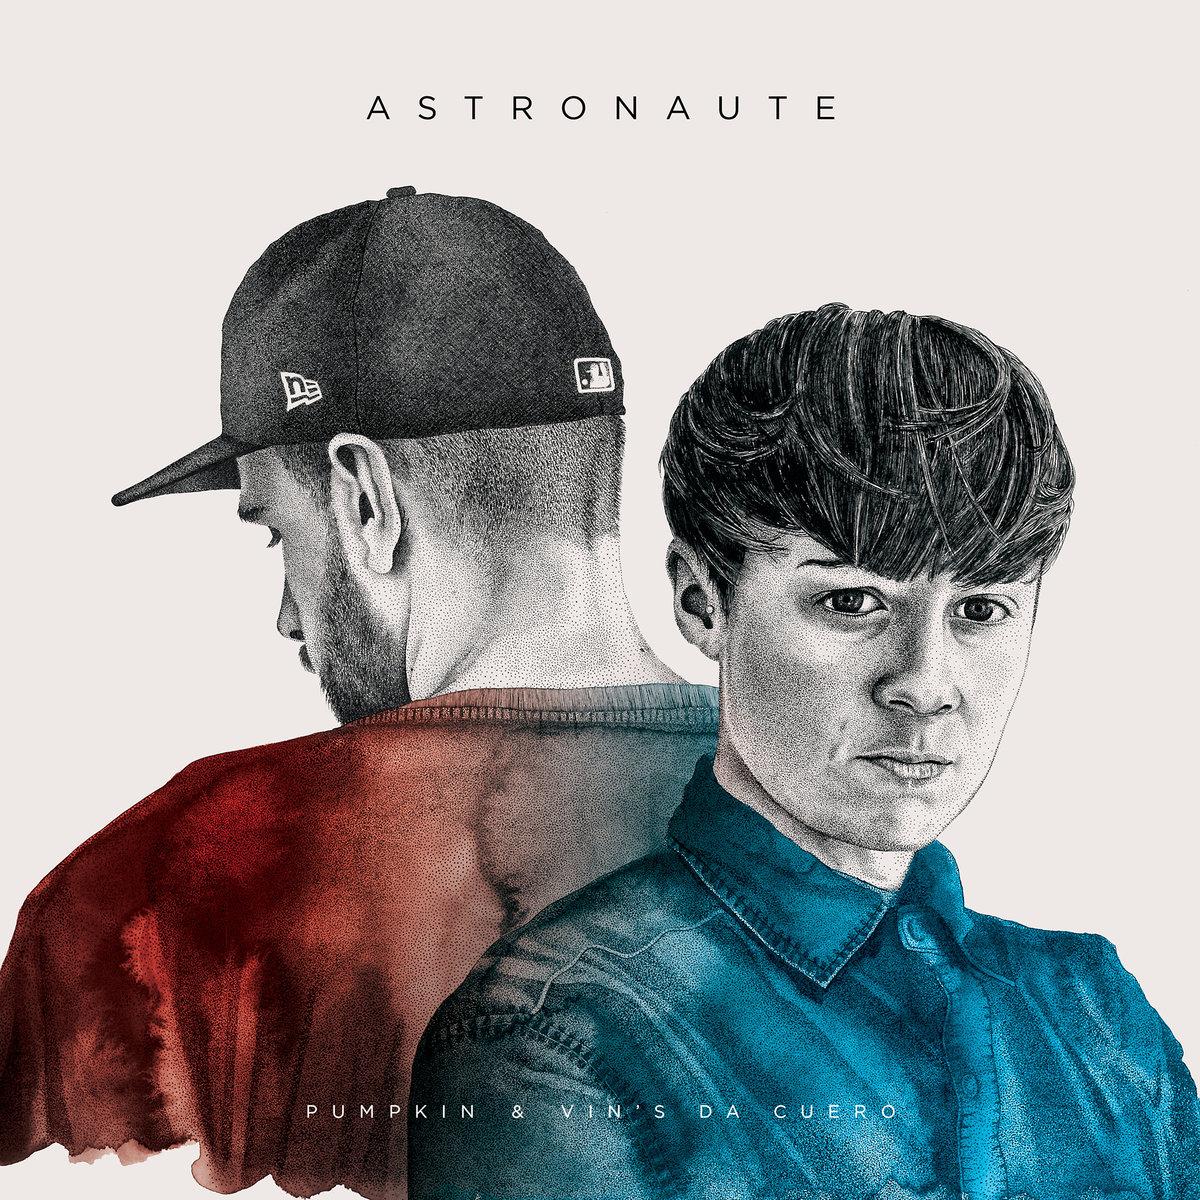 vin's da cuero pumpkin astronaute boop bap rap hip-hop jp manova critique écoute chronique 2018 mentalow music